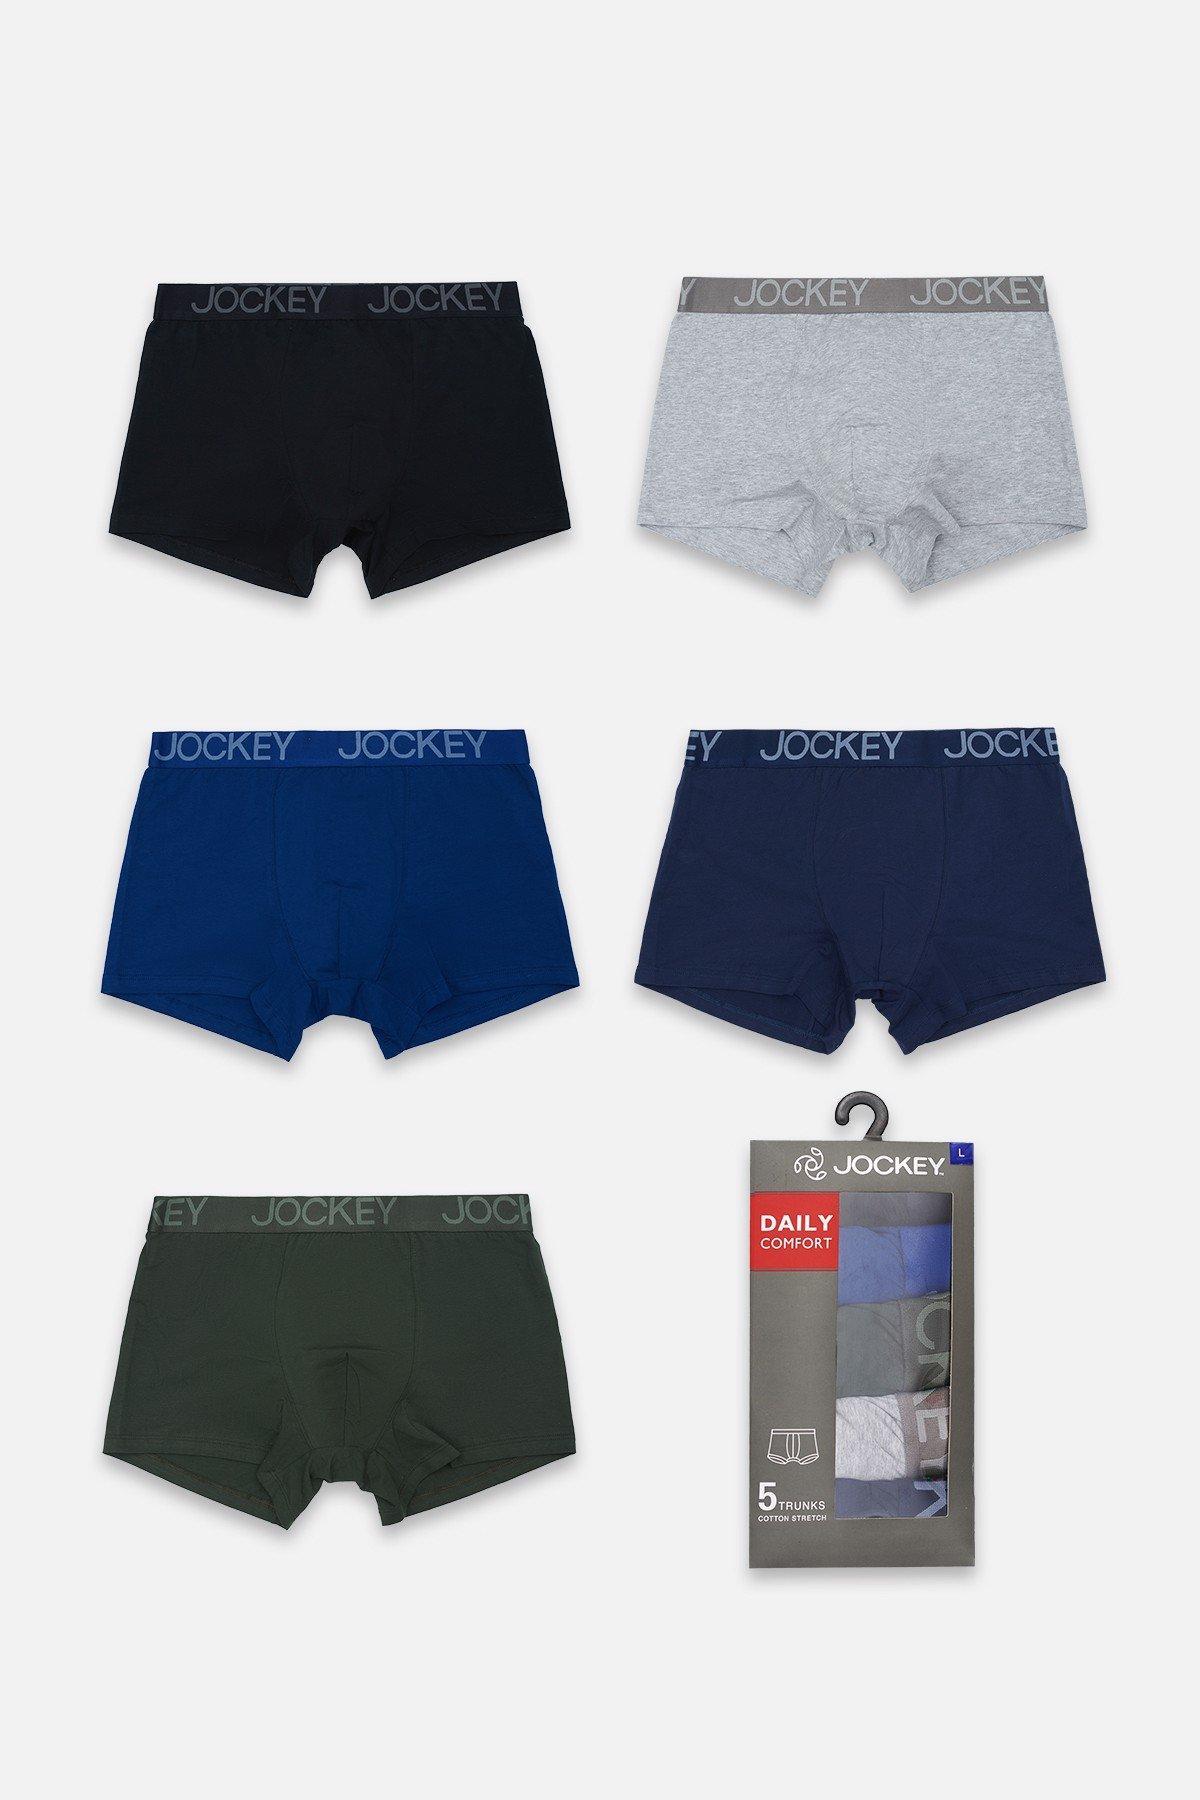 Hộp 05 quần Jockey dáng Trunk - 0411P